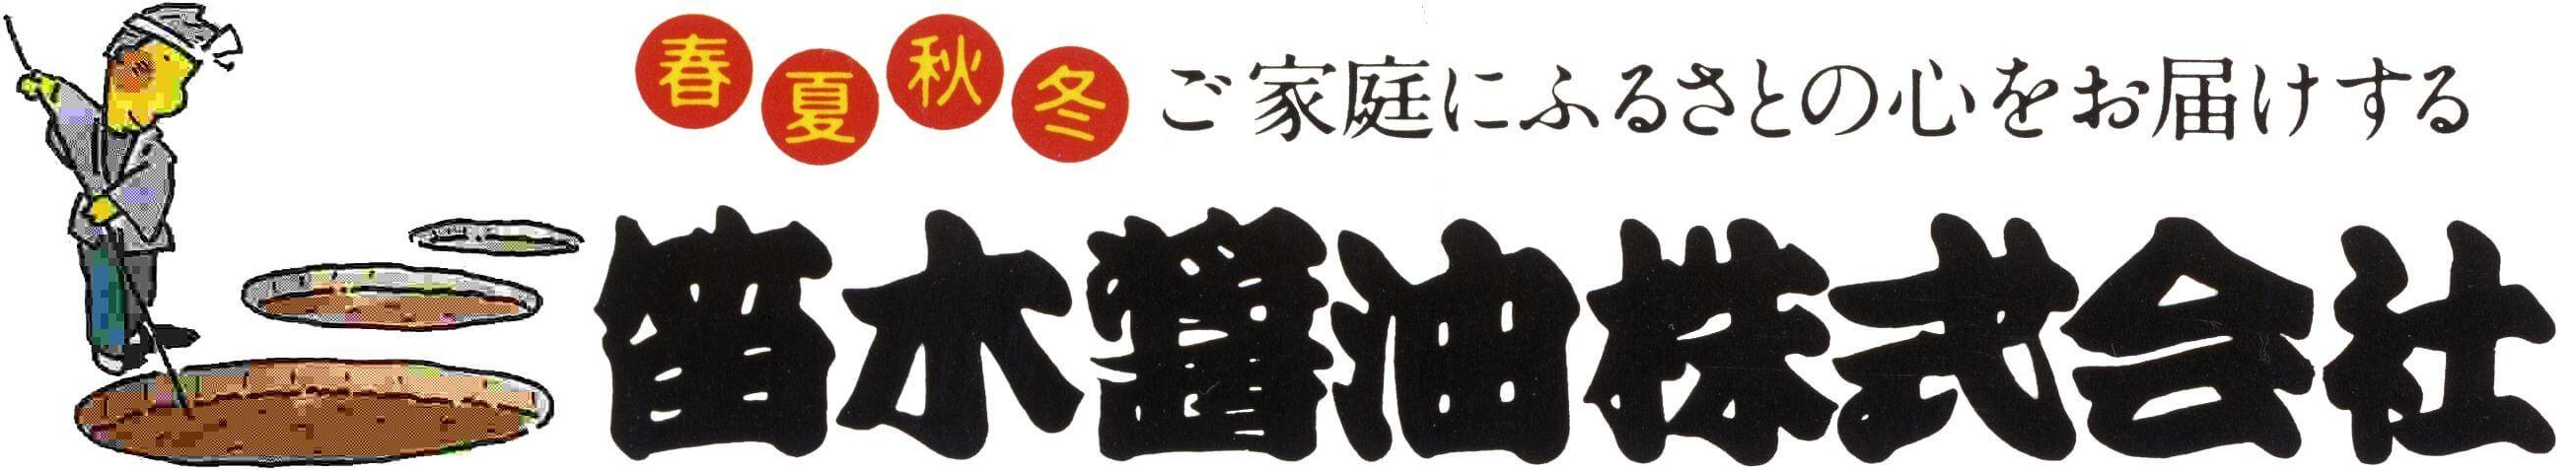 笛木醤油 ロゴ